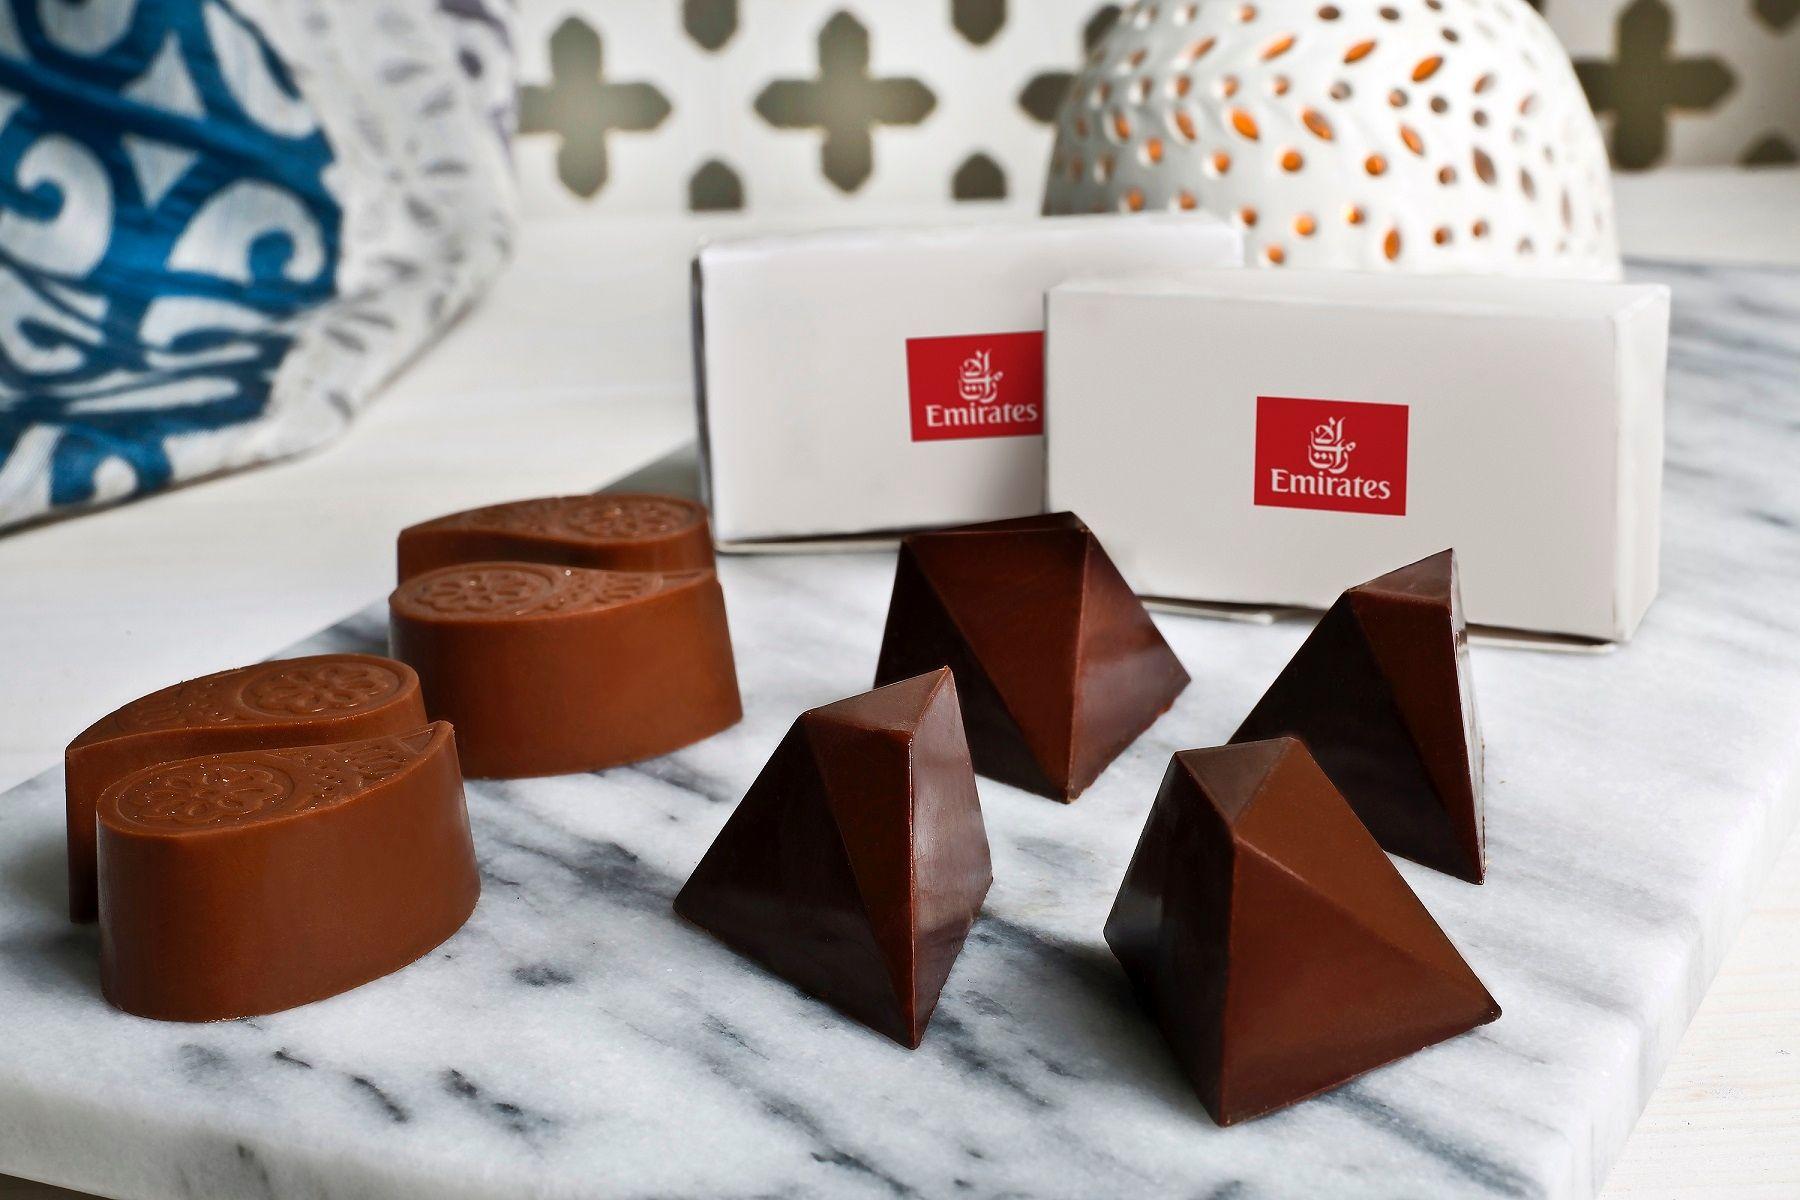 阿航每年机上供应精选巧克力食品超1100万份